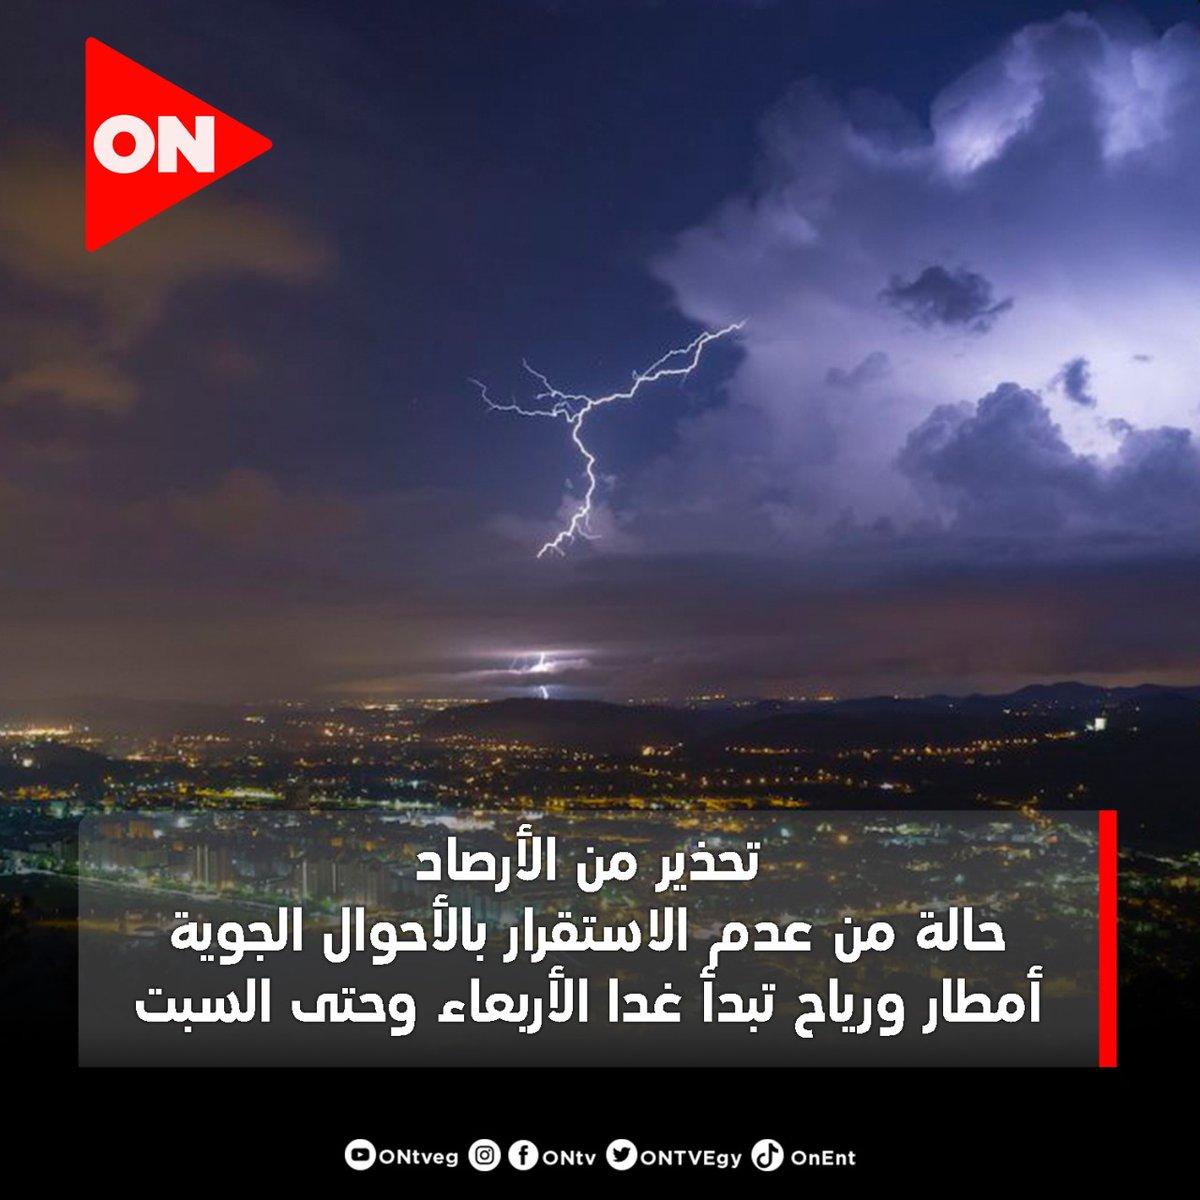 أمطار ورياح تبدأ من غدا الأربعاء وحتى السبت 🌧☔️ #ON